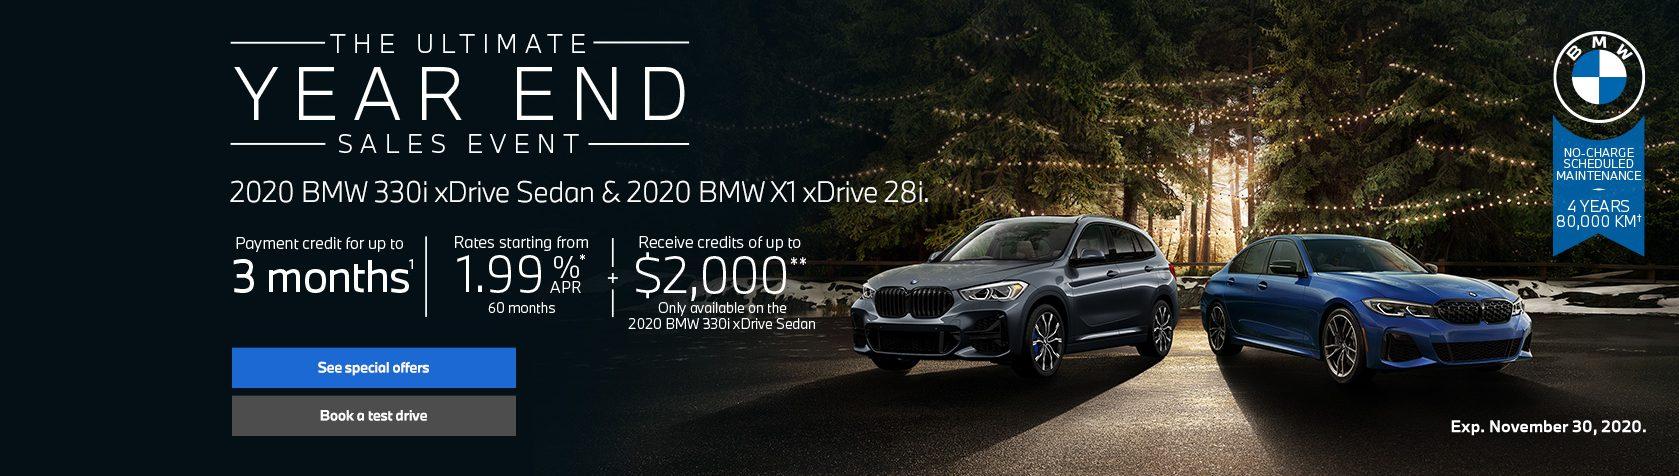 2020 BMW X1 xDrive 28L